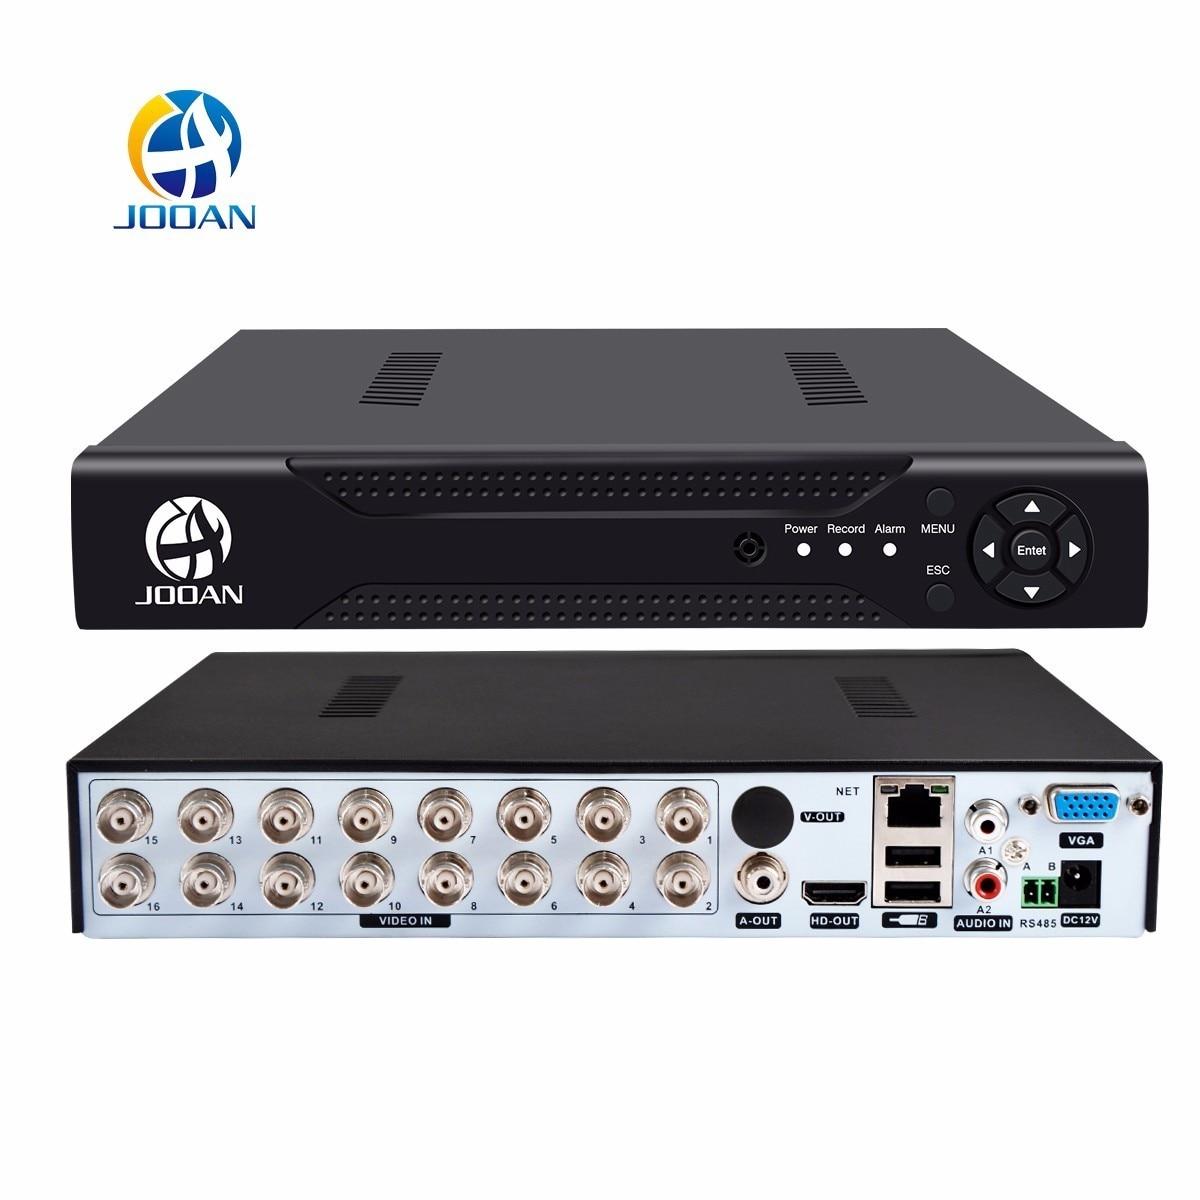 JOOAN 4216 T 16CH CCTV DVR H.264 HD-OUT P2P Nuage vidéo enregistreur de Surveillance à domicile de sécurité CCTV numérique enregistreur vidéo